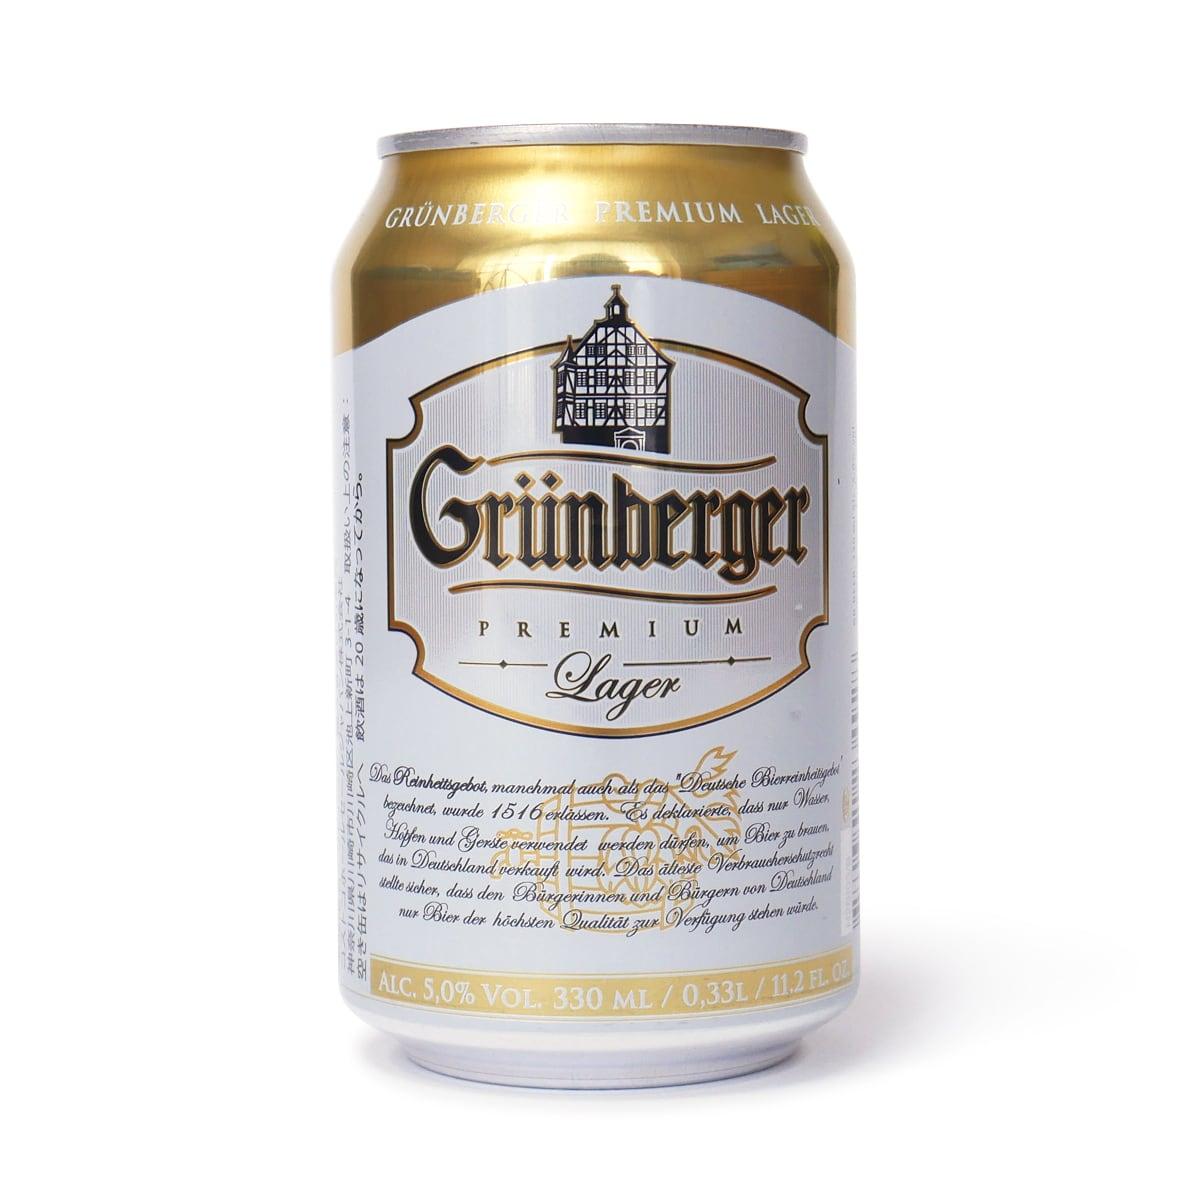 ヴォルファスエンゲルマン グルンベルガー ラガービール 1缶